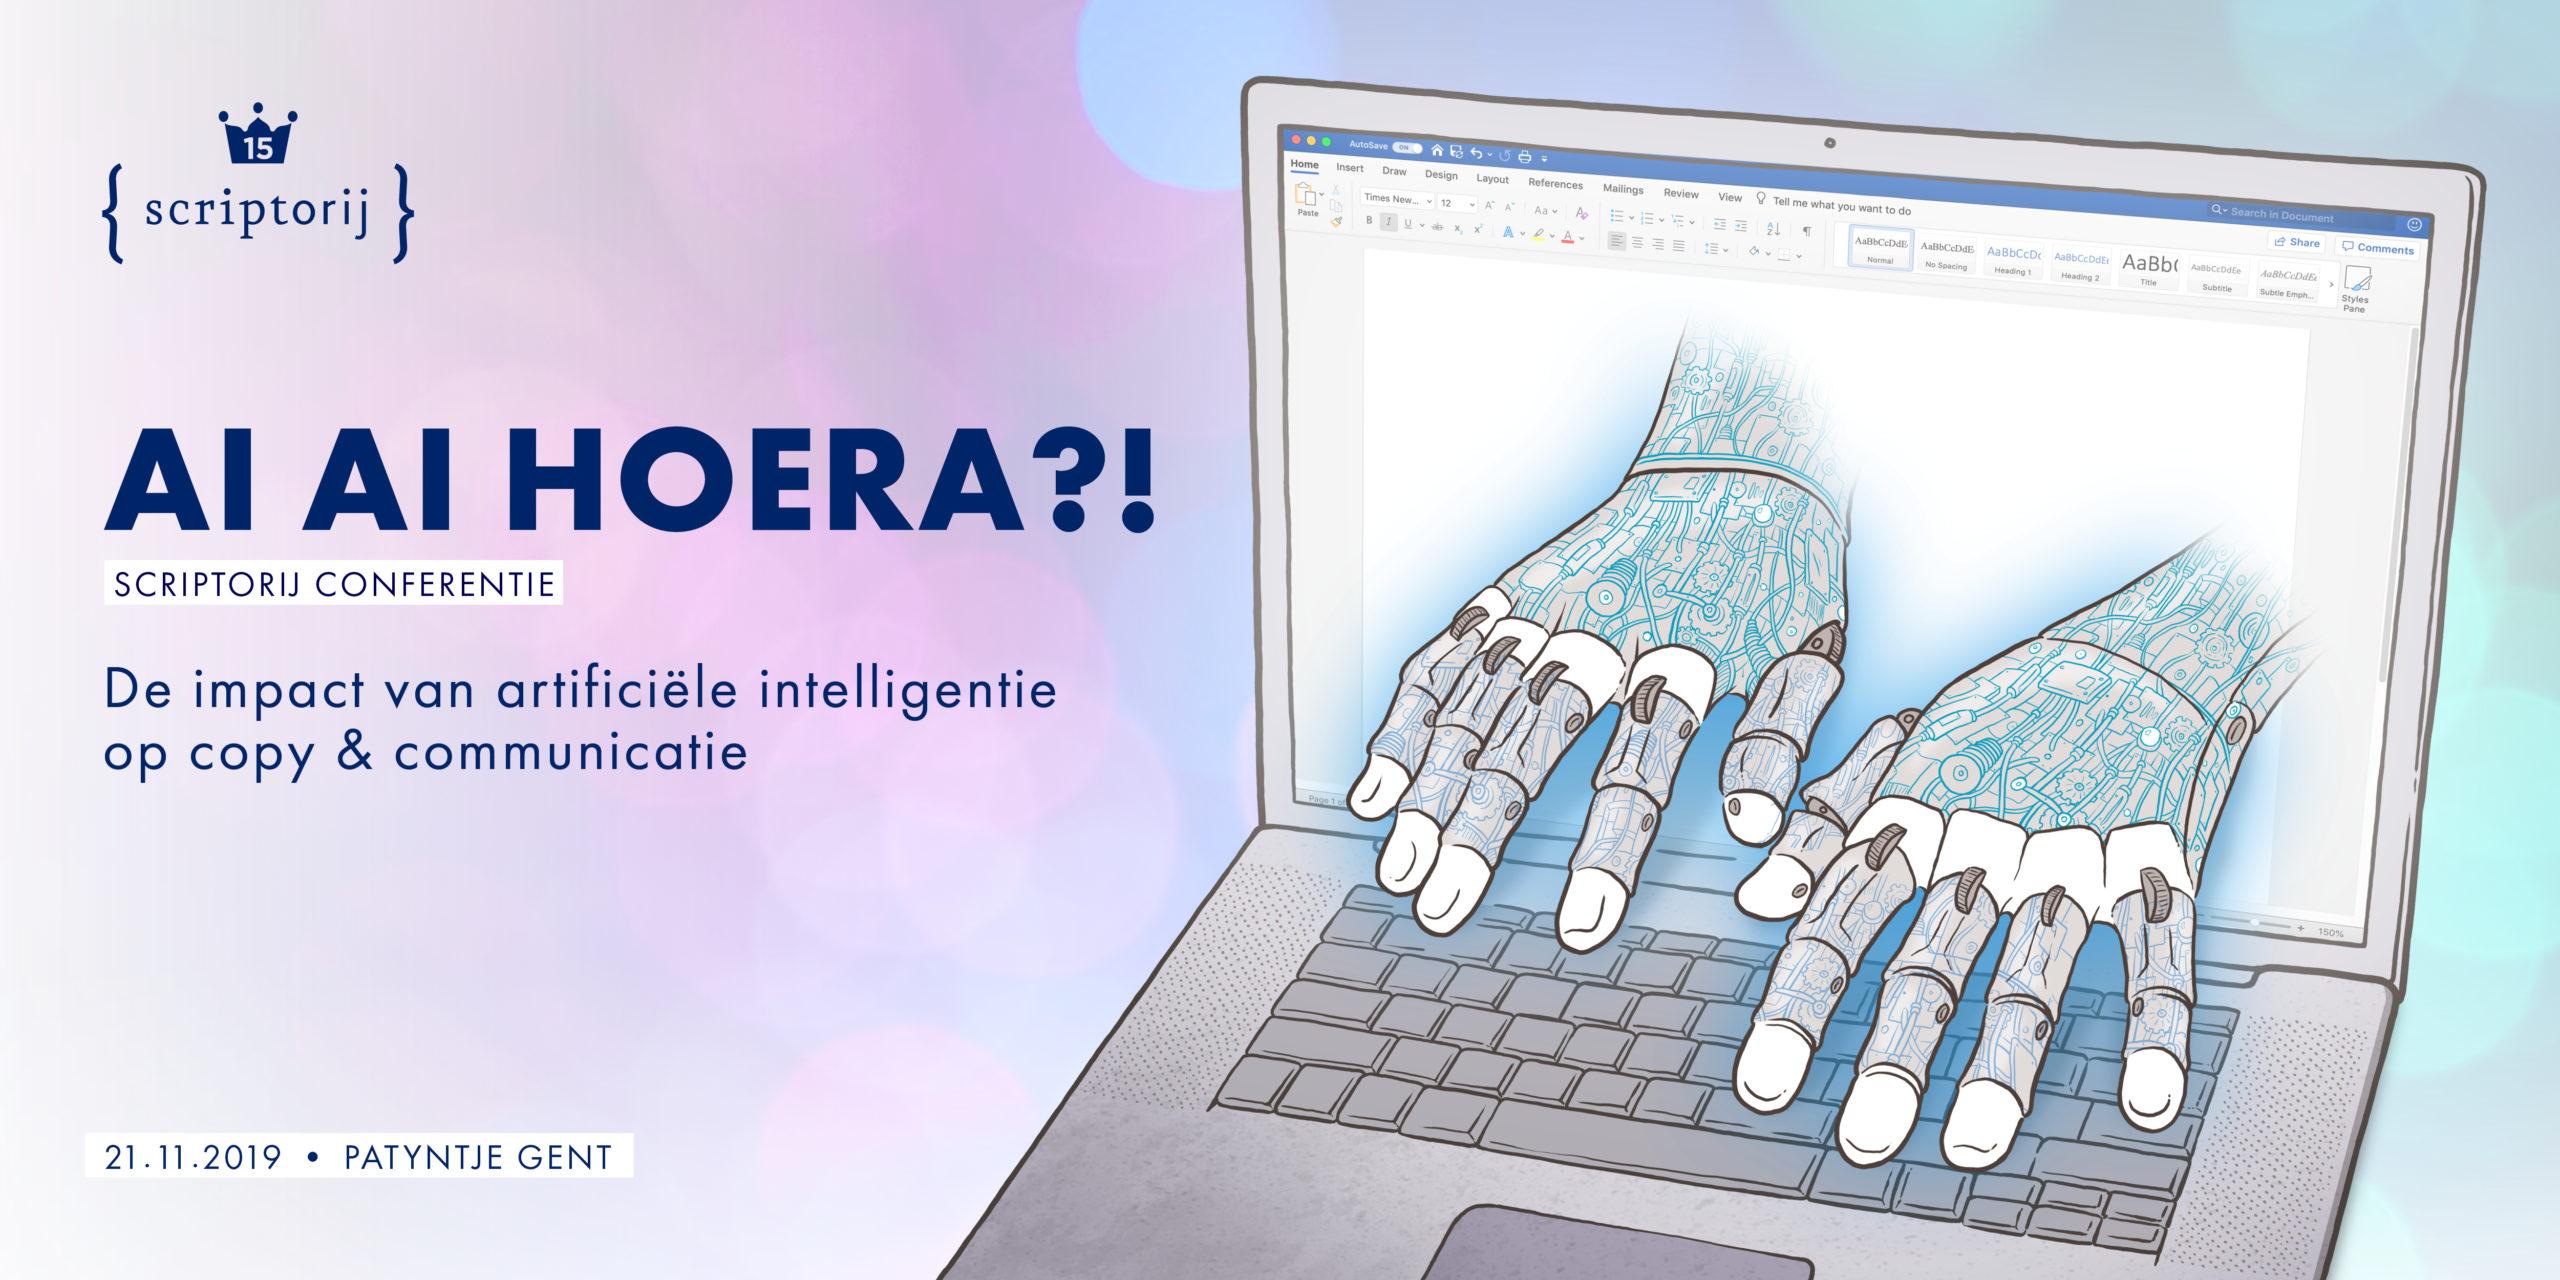 De impact van artificiële intelligentie op copy en communicatie